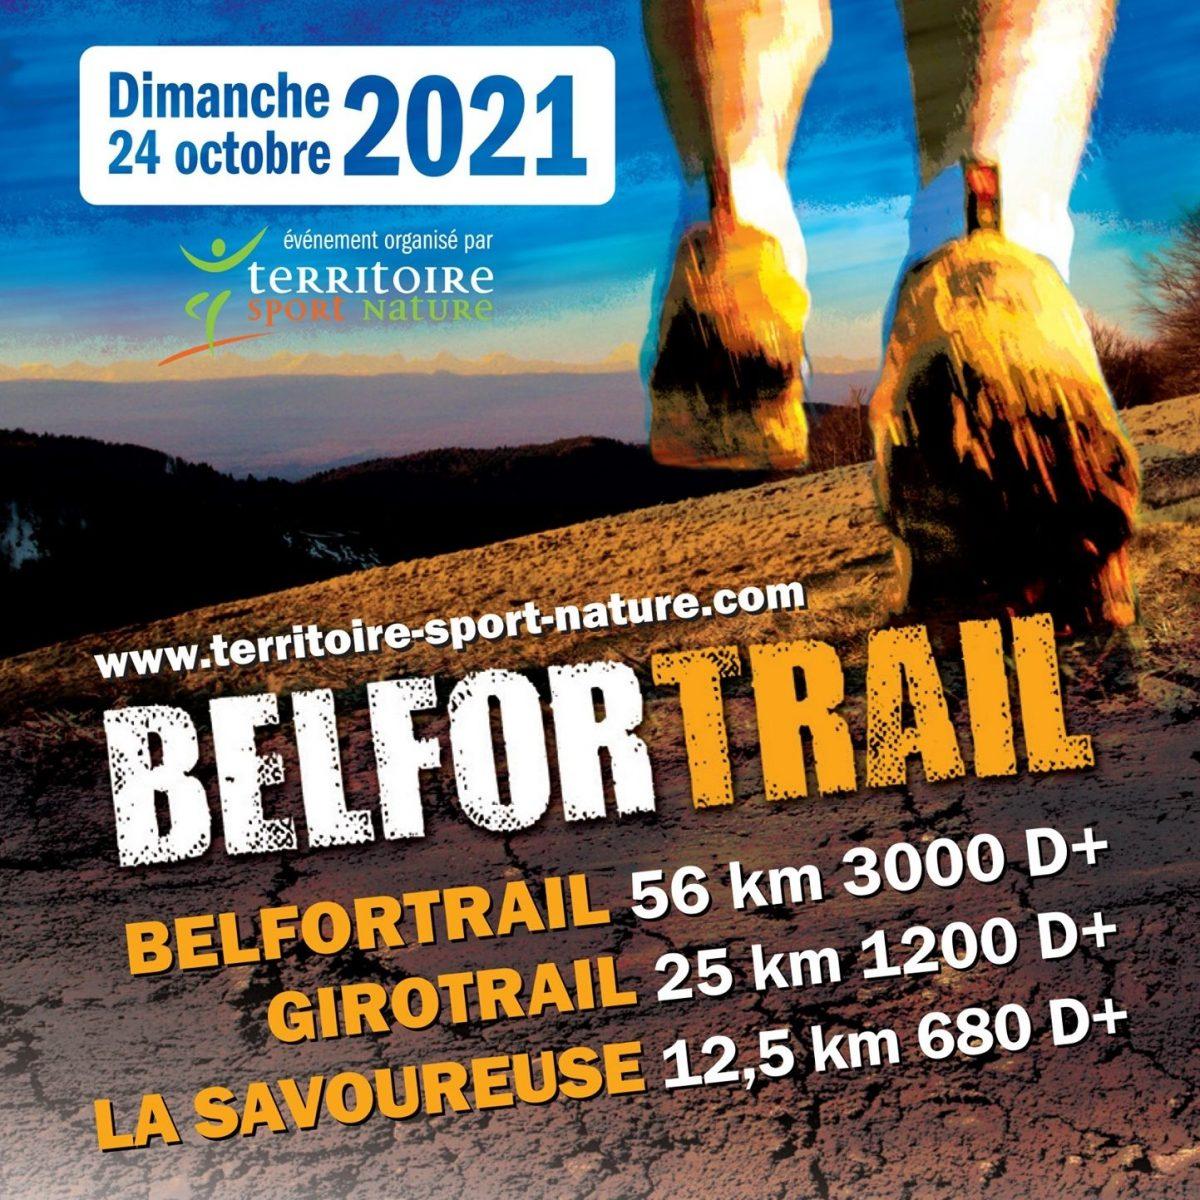 Belfortrail